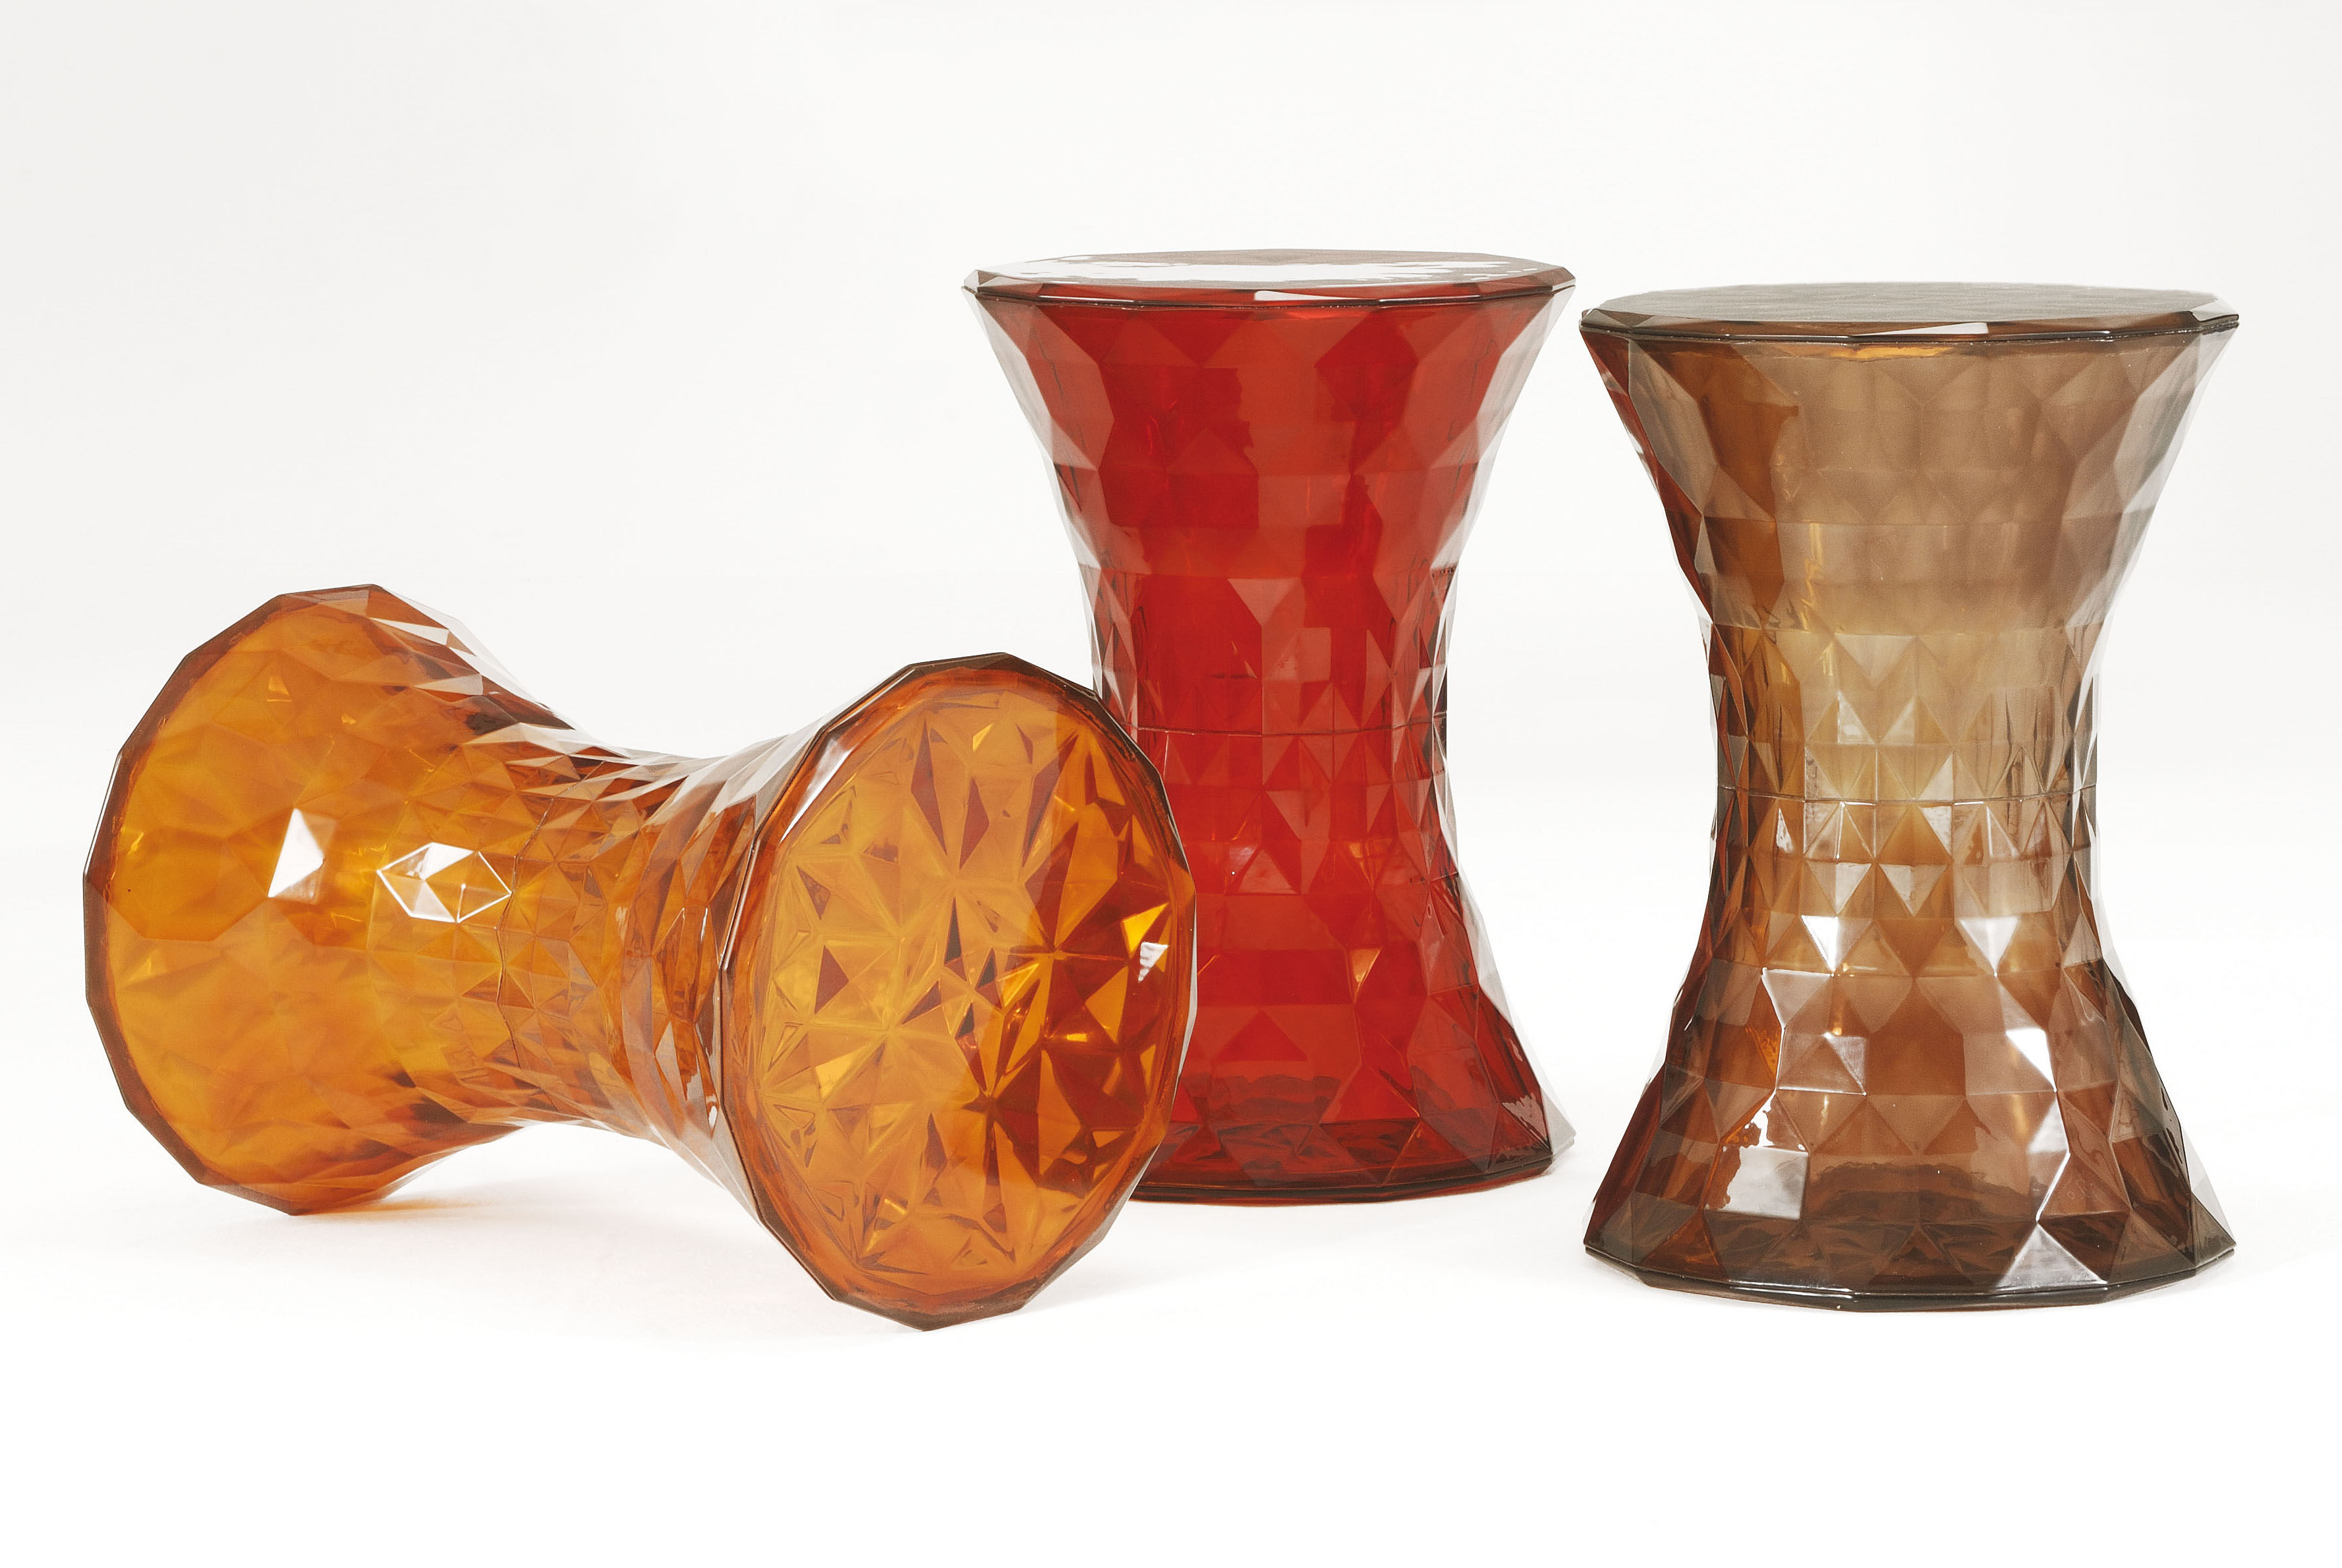 Scopri sgabellino stone rosso di kartell made in design italia